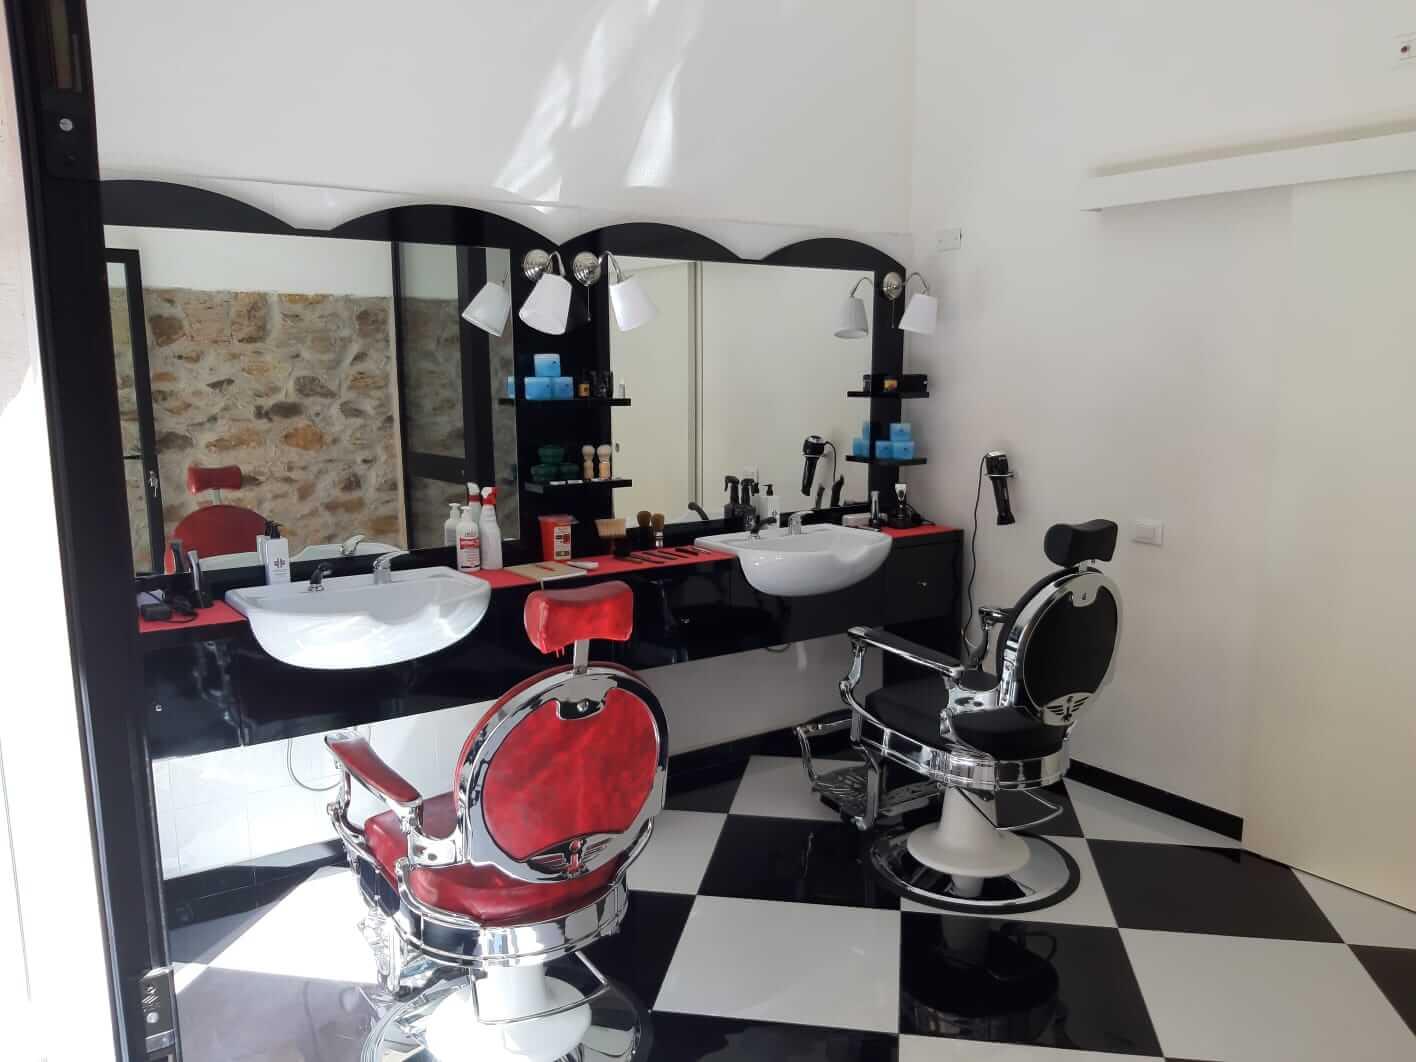 poltrona barber cromata vintage per barber shop Tony